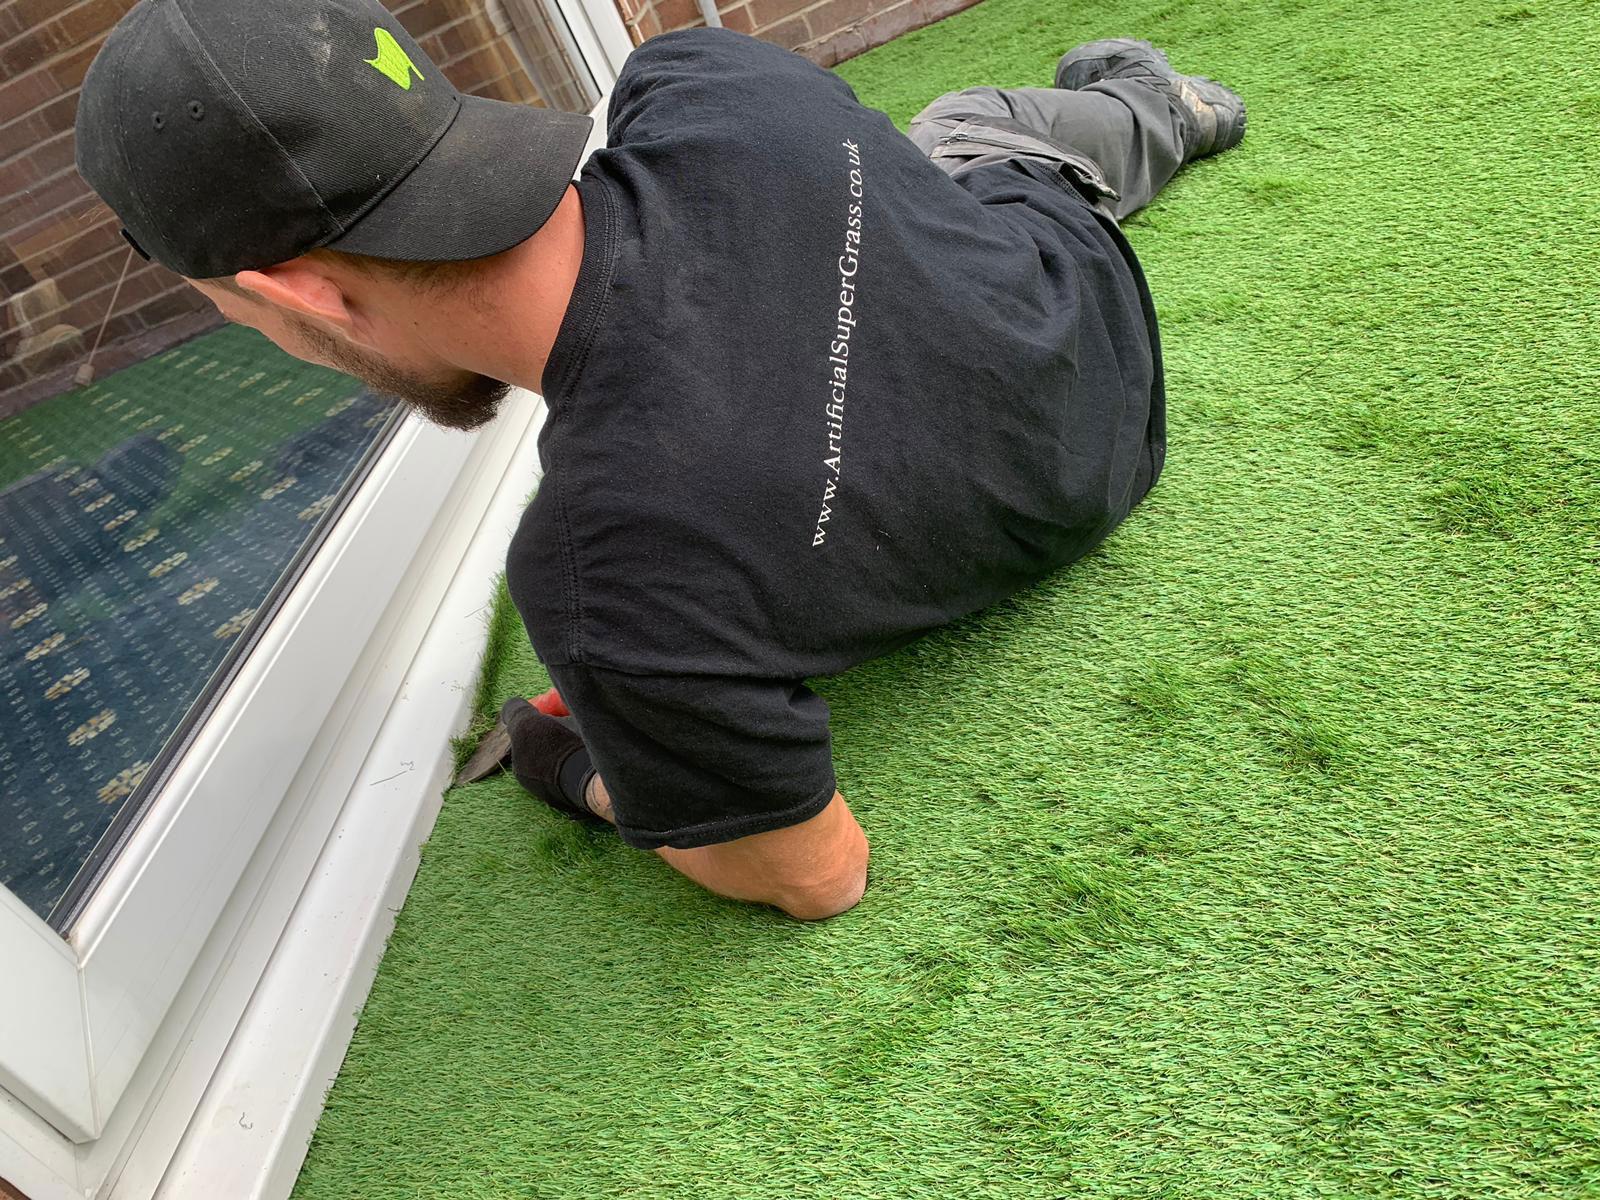 Artificial Grass For Dogs Tyneside Artificial Super Grass